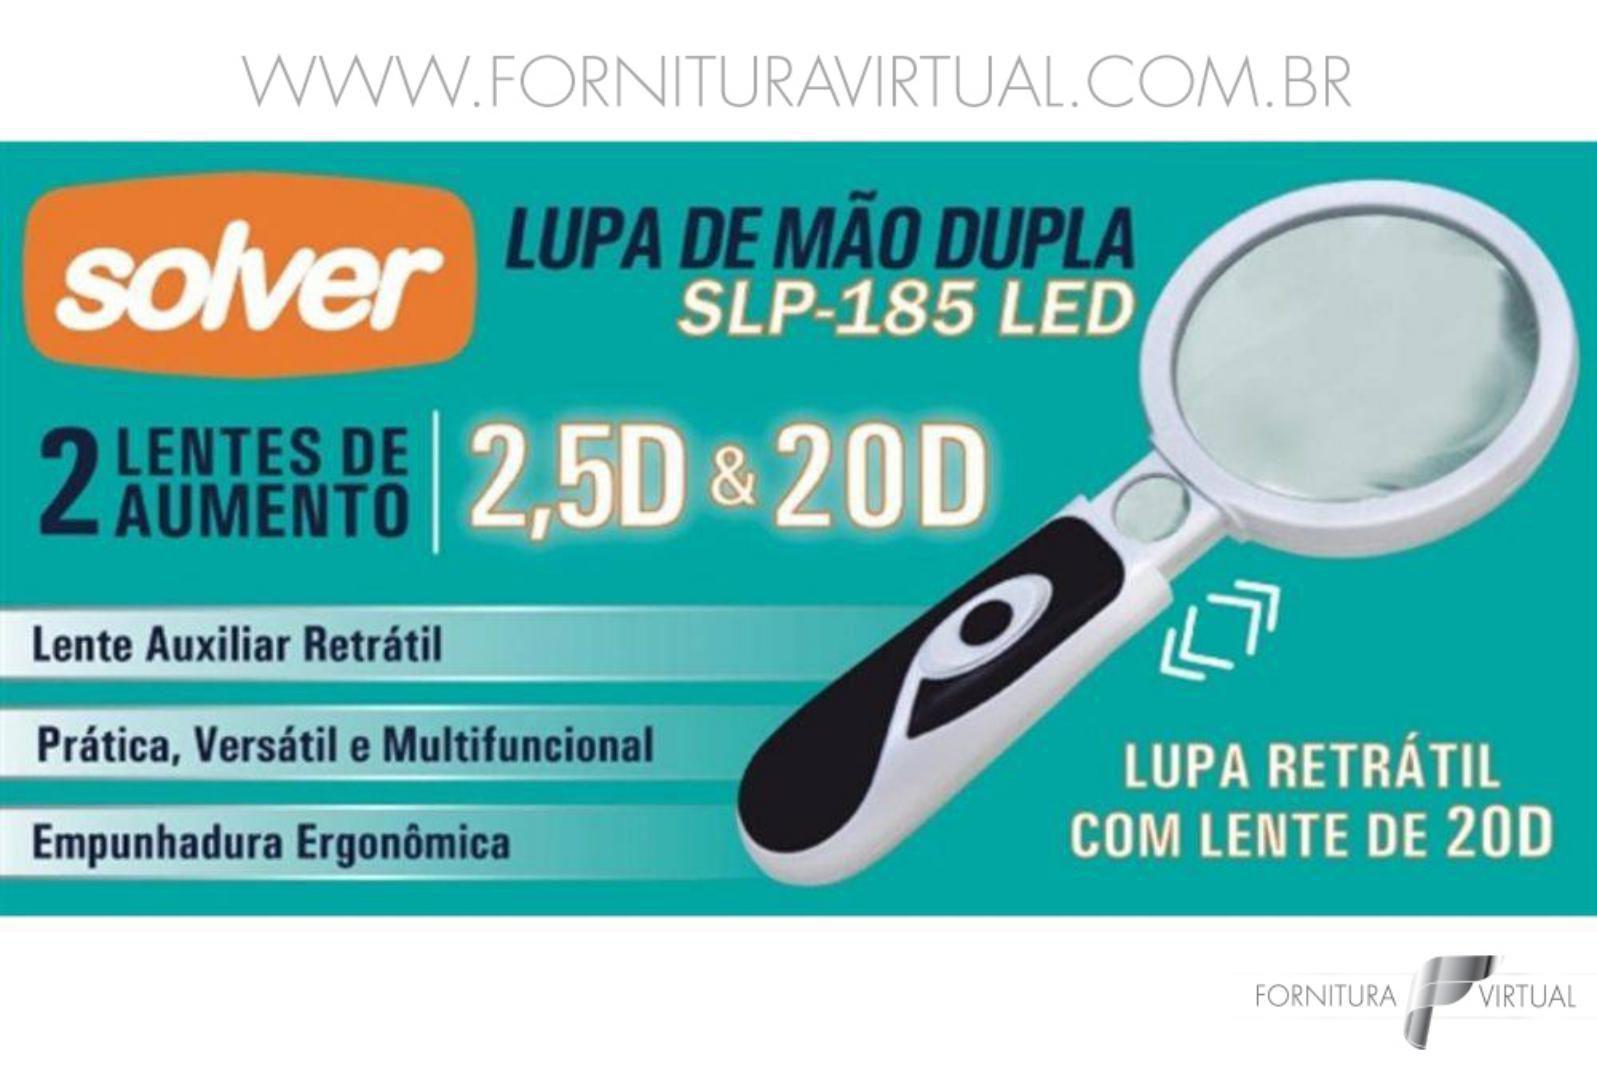 Lupa de Mão Dupla LED - Solver SLP-185